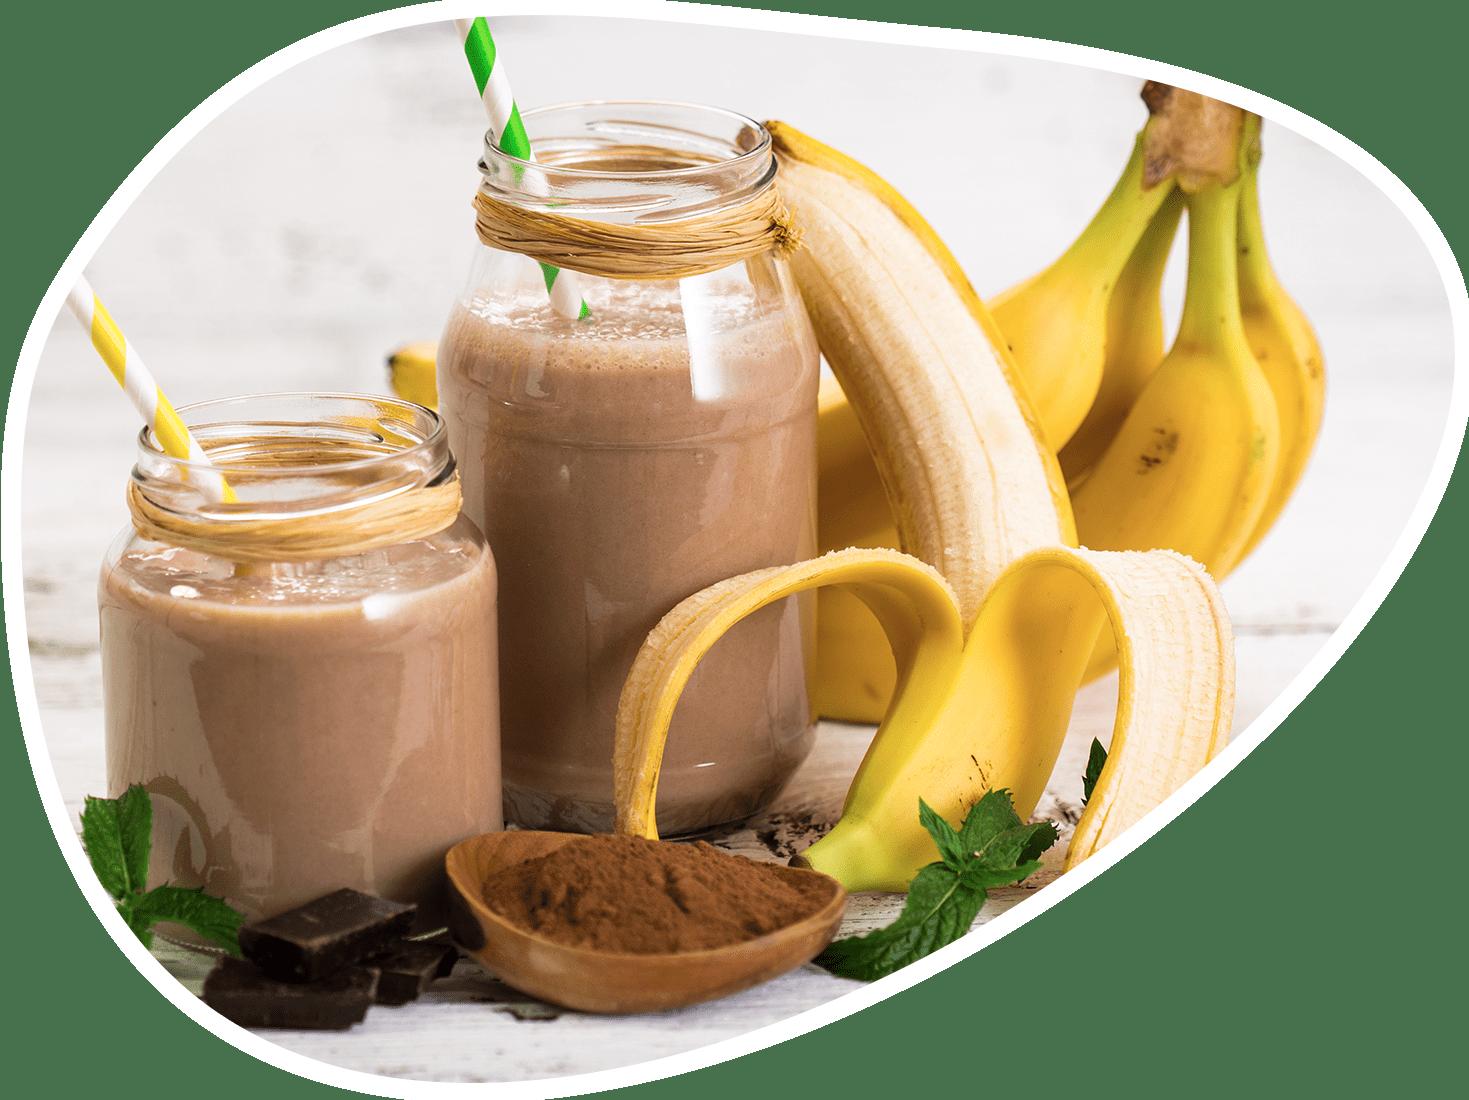 Recette bouillie banane et cacao pour bébé   Bébé M